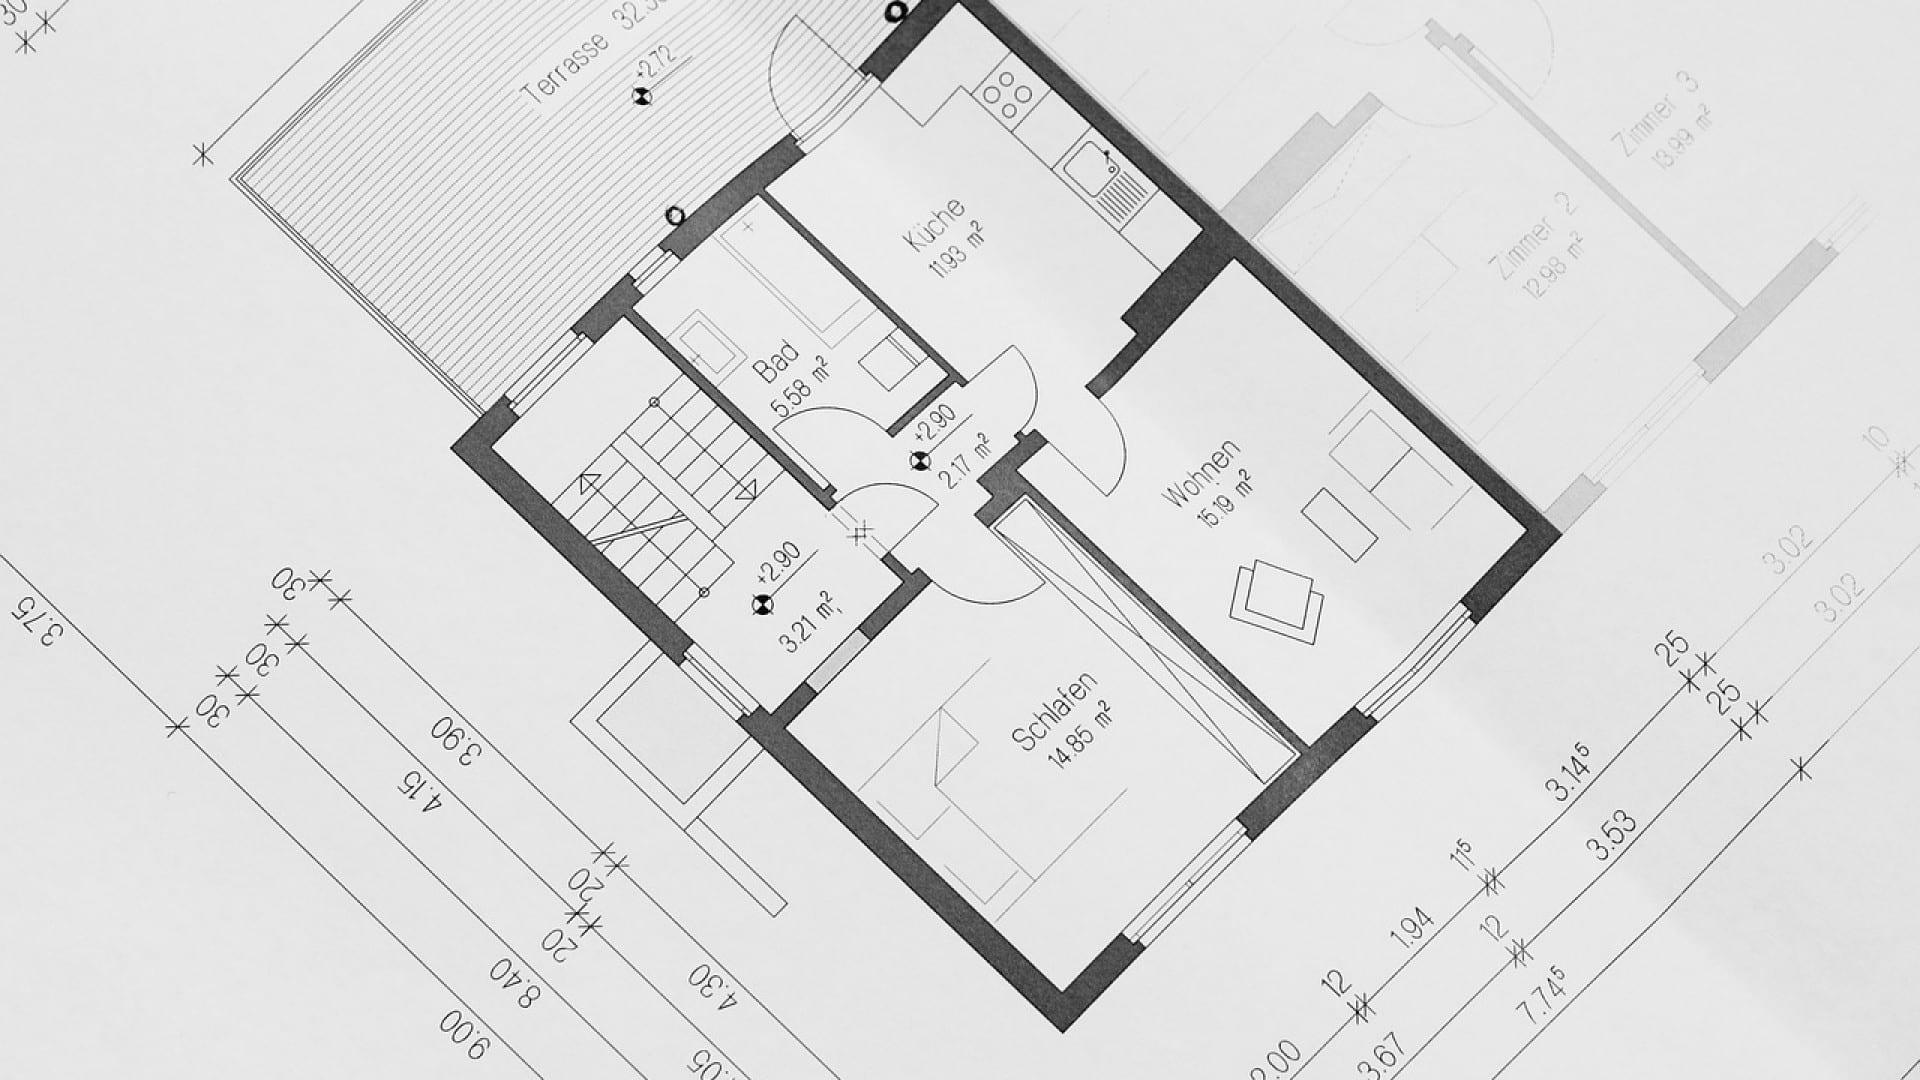 Un site web conçu pour les architectes en recherche d'emploi